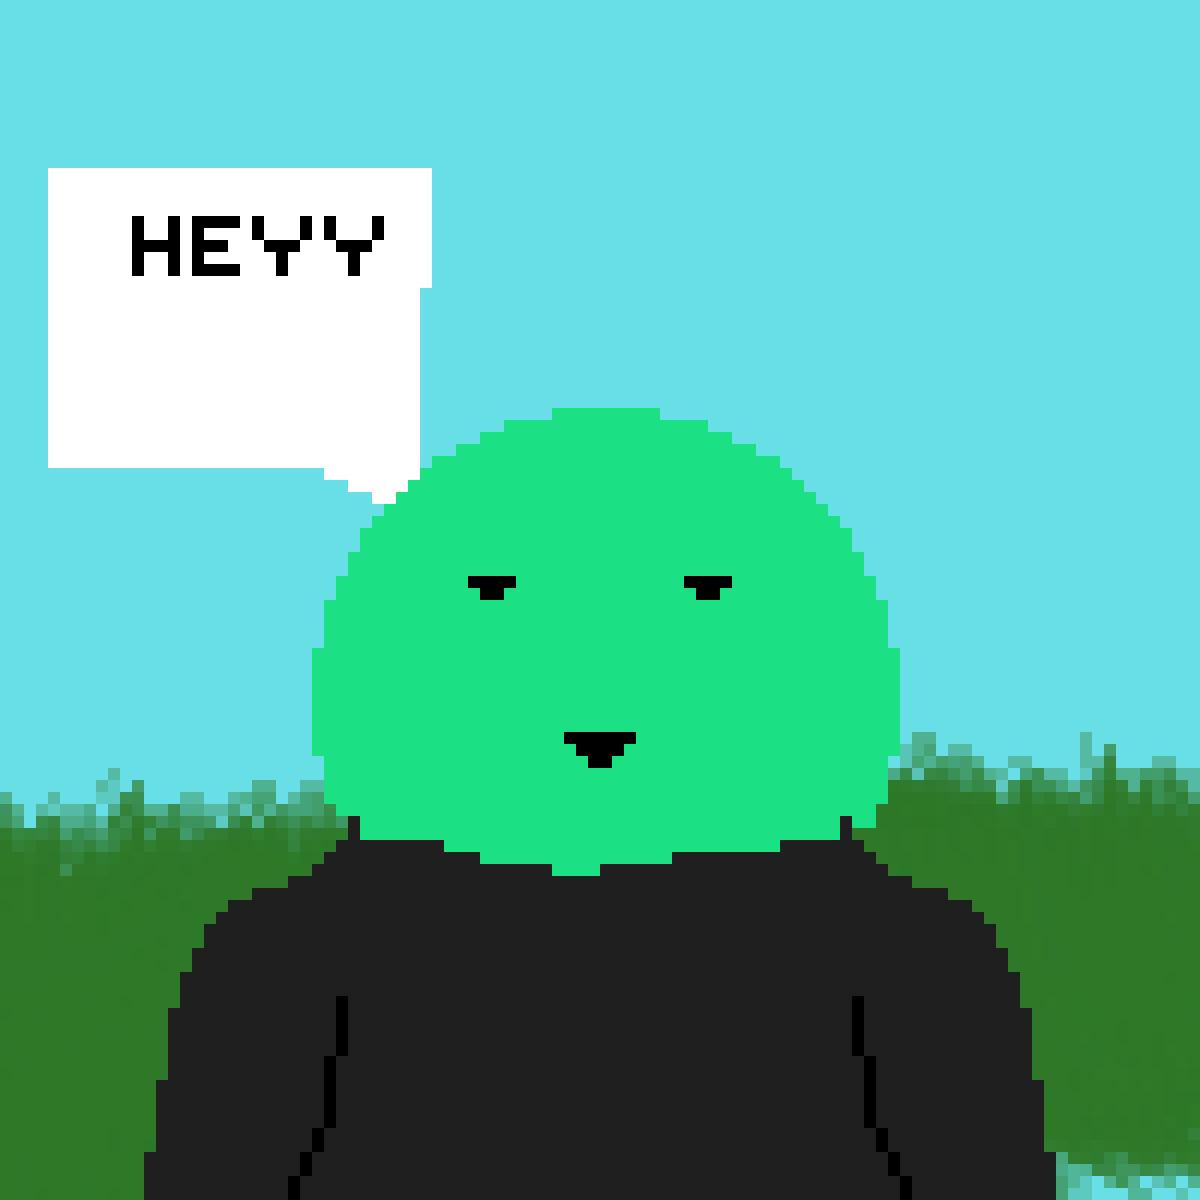 Heyy by Manj10